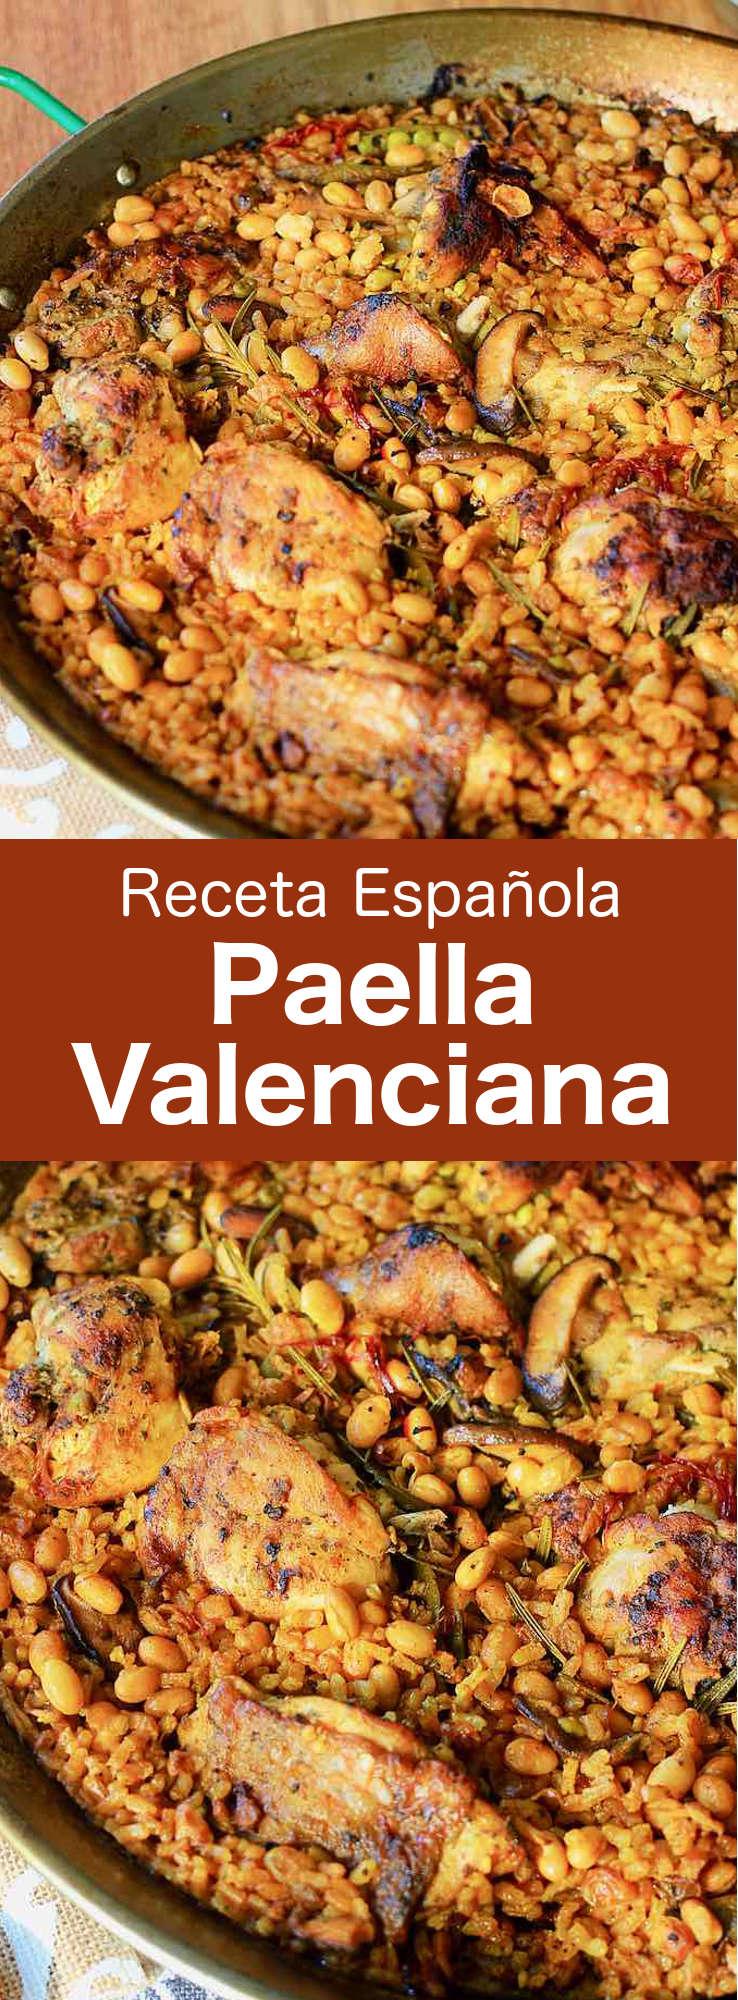 La paella valenciana es un plato de arroz español original que tiene sus raíces modernas a mediados del siglo XIX en la costa este de España.